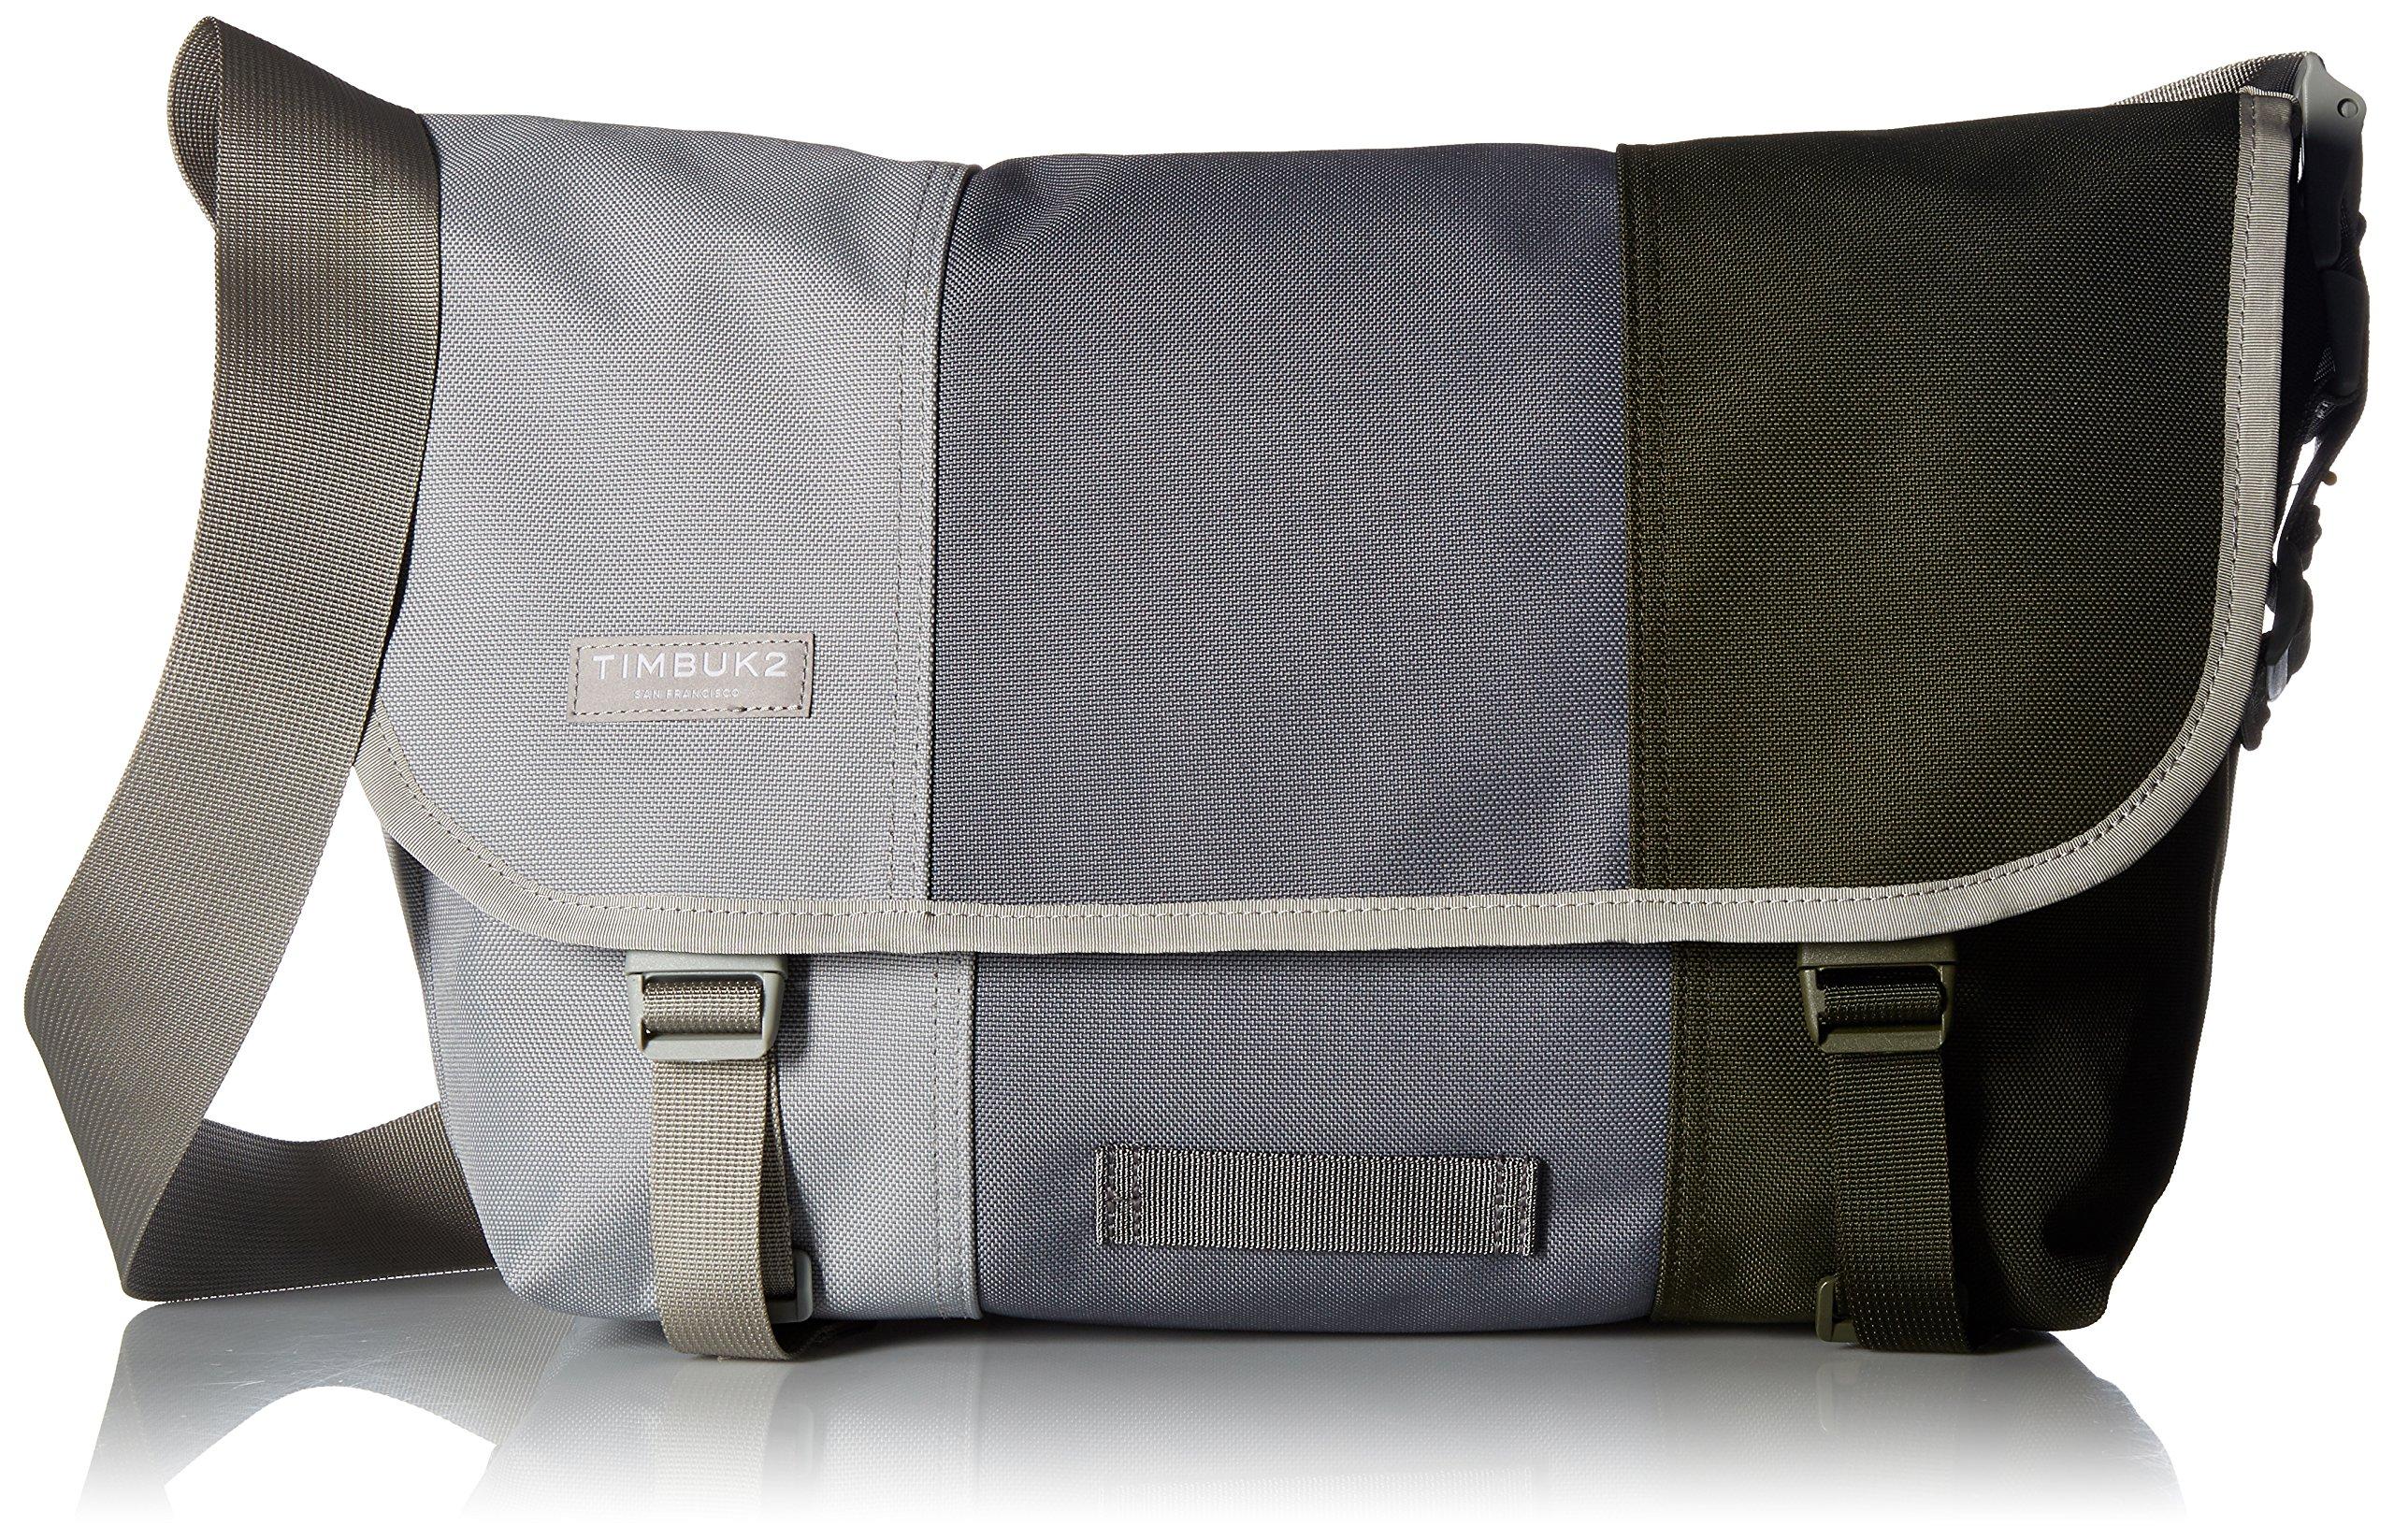 Timbuk2 Classic Tres Colores Messenger Bag, Cinder, Medium